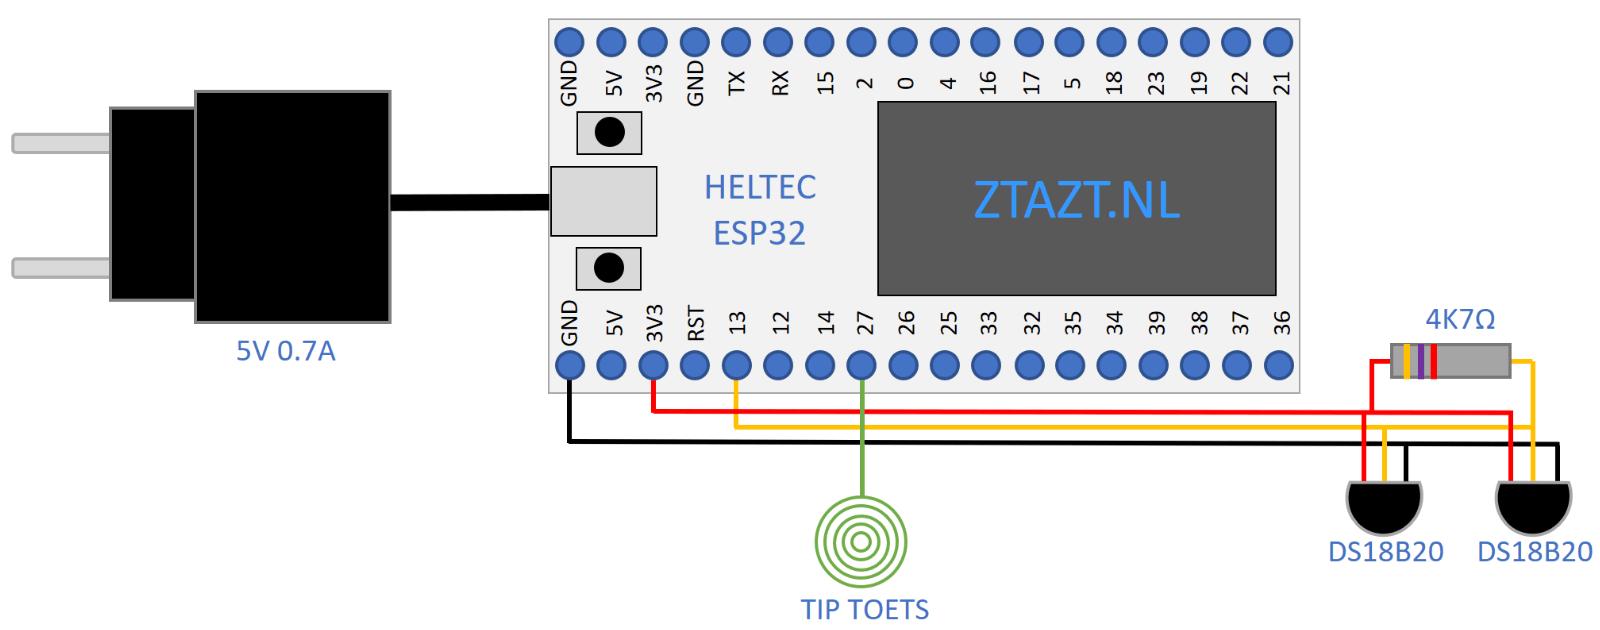 ESP32 aansluitschema